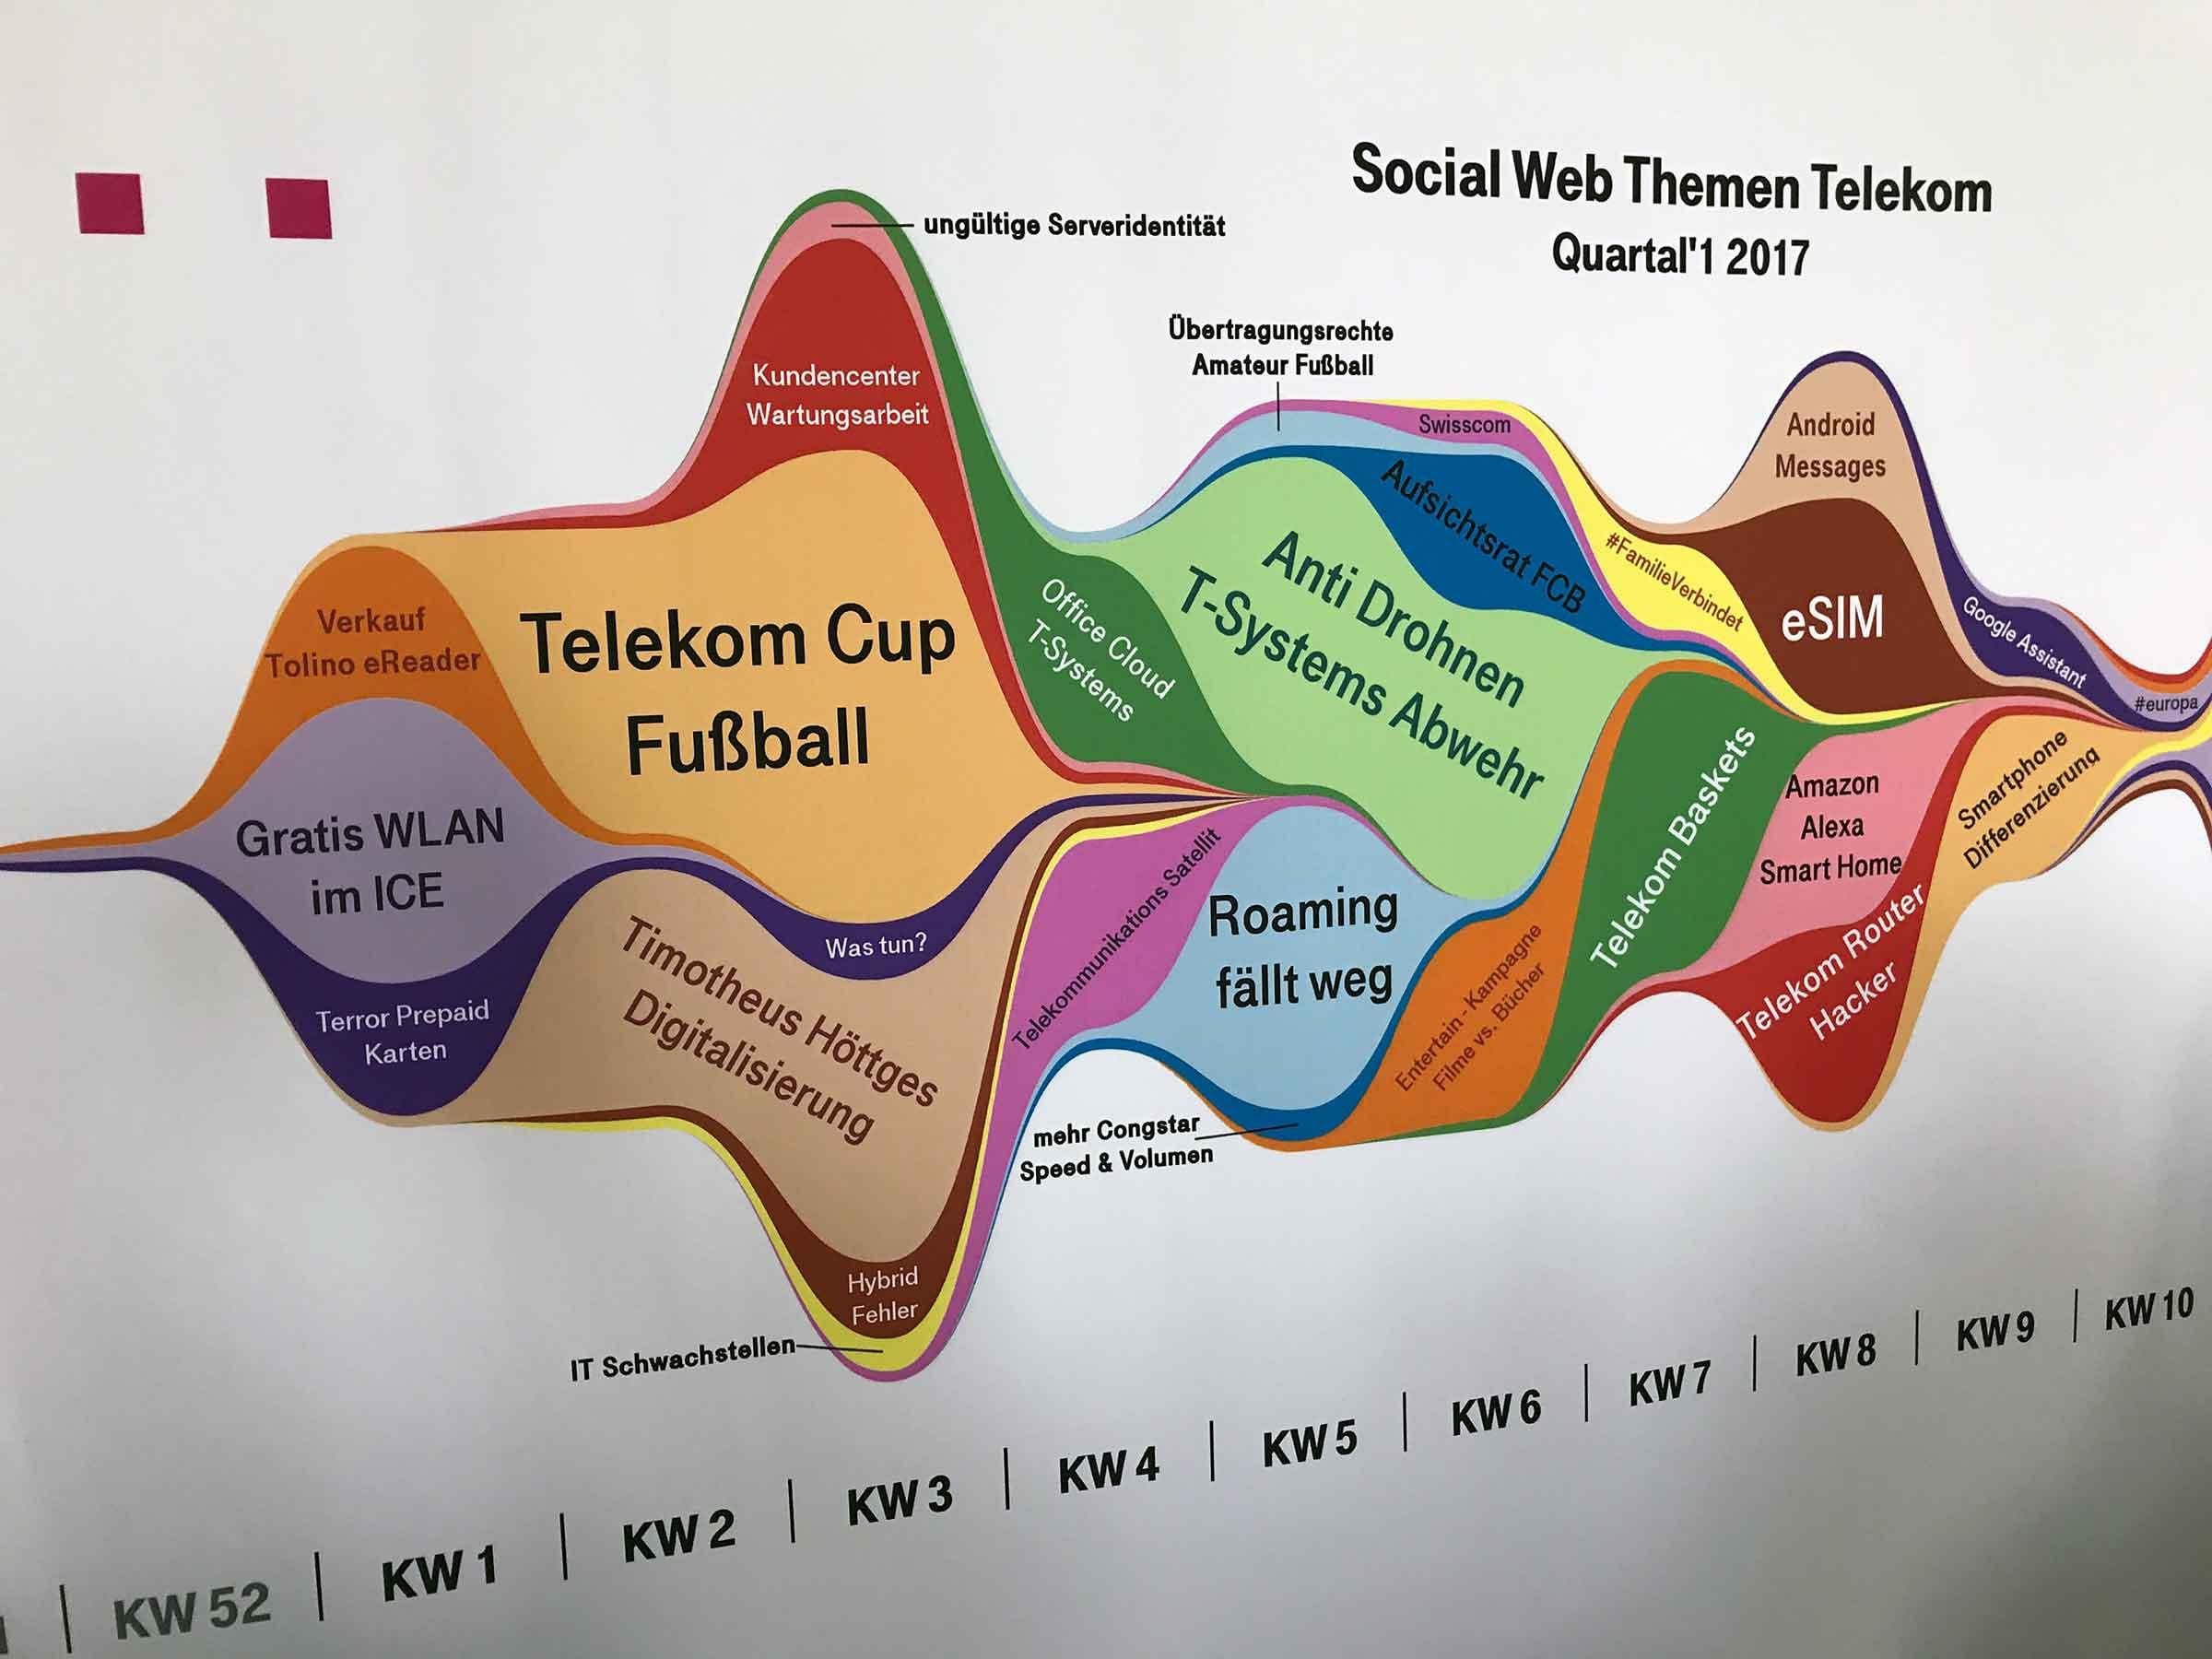 """Ein Diagram, das Anfragehäufigkeiten pro Kalenderwoche sowie die beherrschenden Themen zeigt, zum Beispiel Anfang des Jahres """"Telekom Cup Fußball"""" oder Telekom-Fehler."""